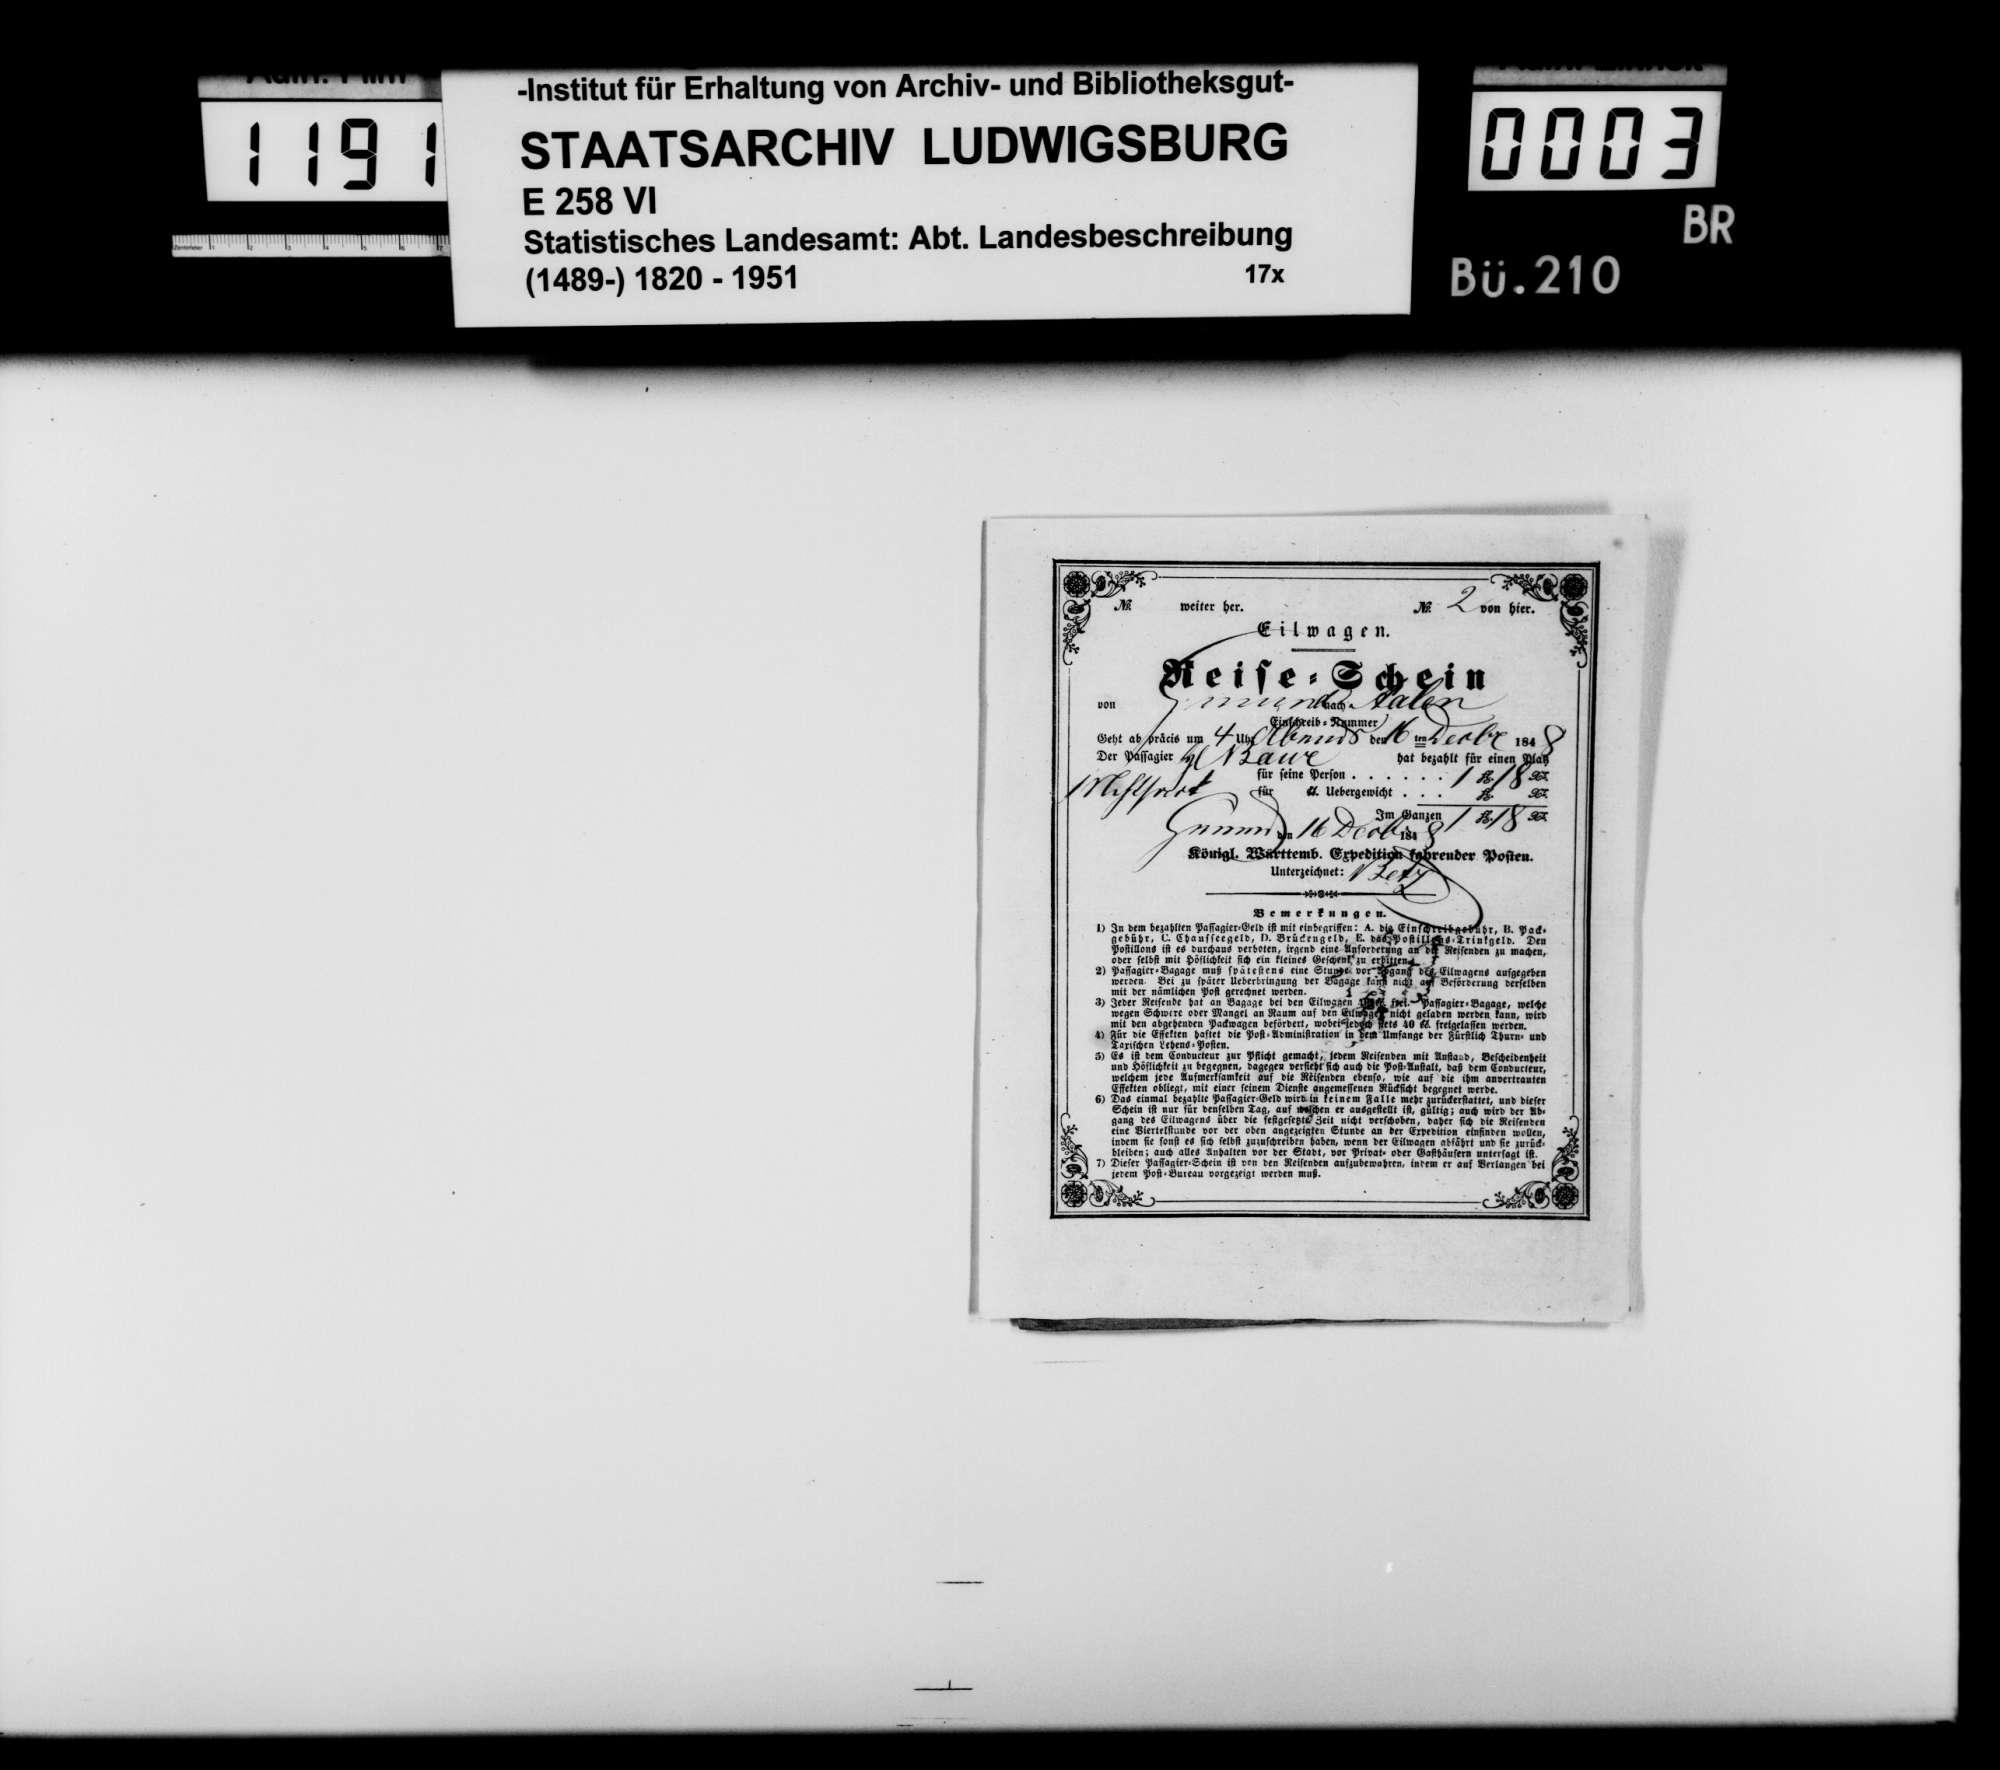 Kollektaneen und Aufsatzkonzepte des Dekans [Hermann] Bauer aus Weinsberg zur Genealogie und Geschichte des Adels im Königreich, vor allem zum Ursprung des Hauses Württemberg, Bild 1